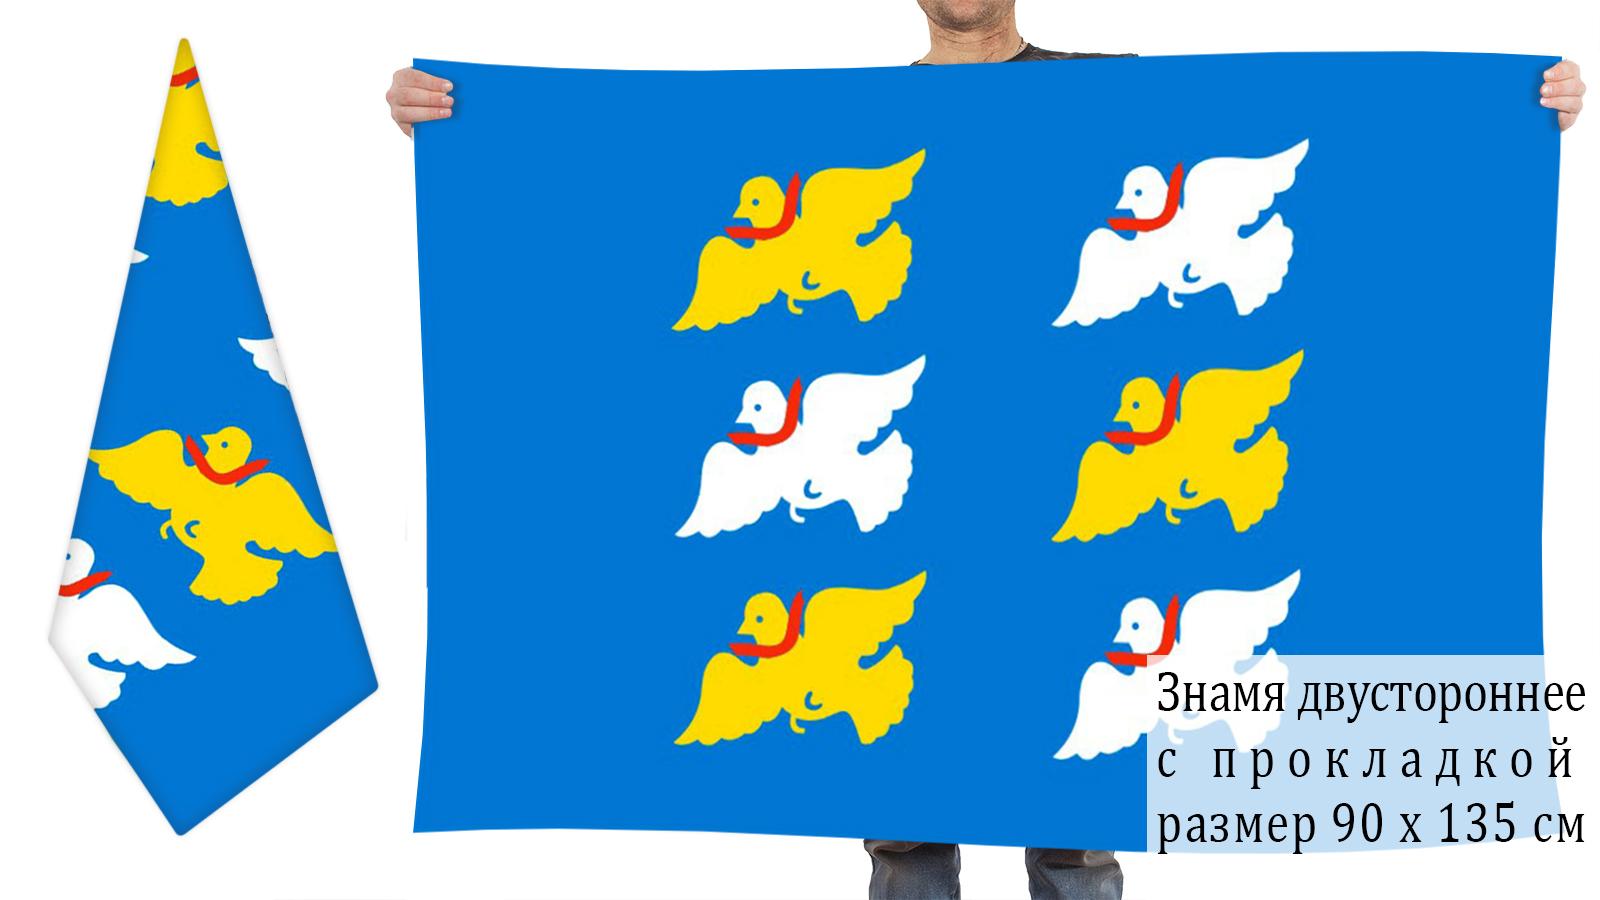 Заказать флаг г. Торжок